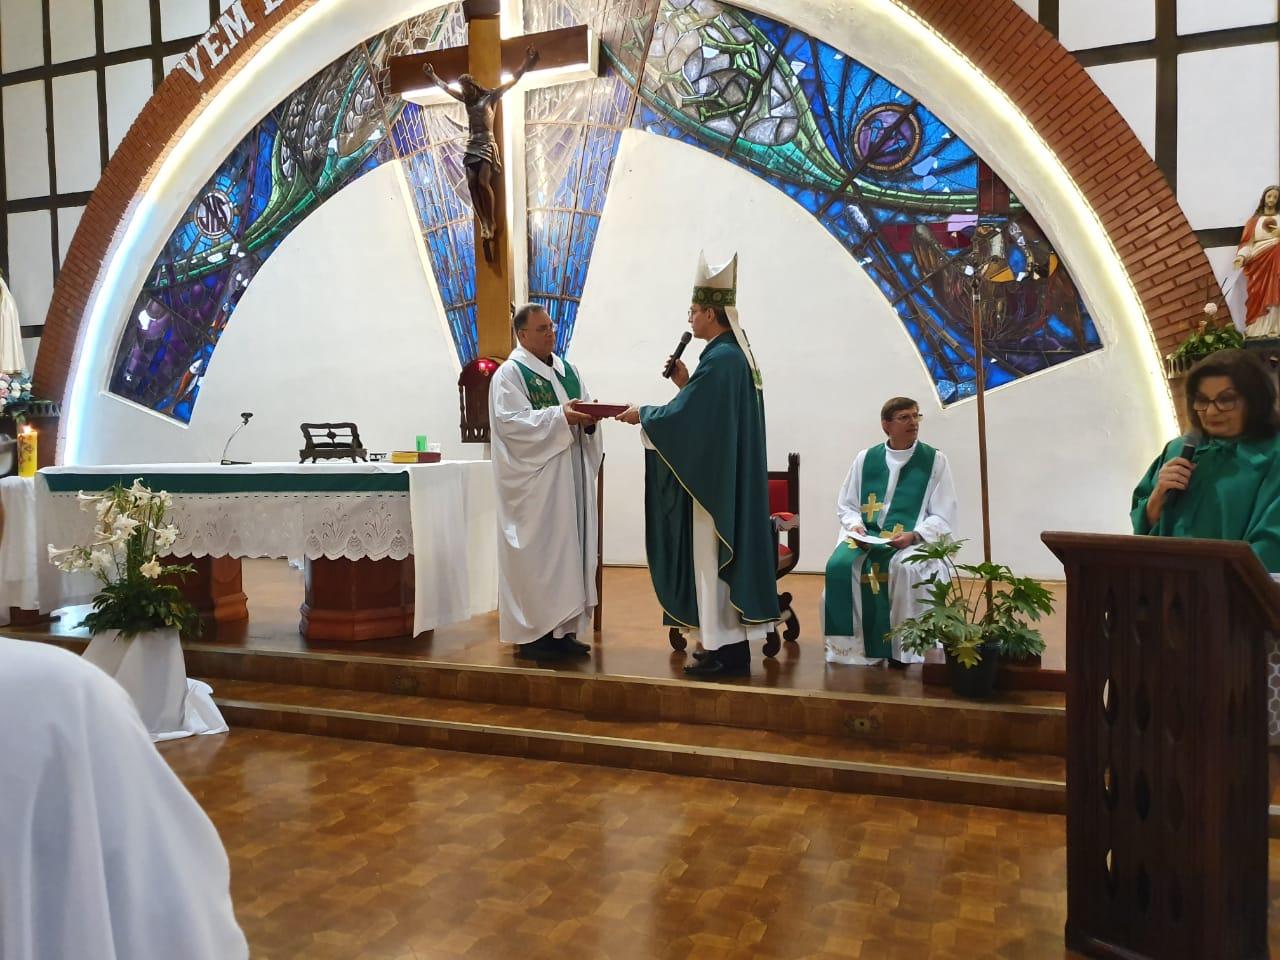 Paróquia Nossa Senhora de Fátima, em Carazinho, acolhe padre Darcy De Carli